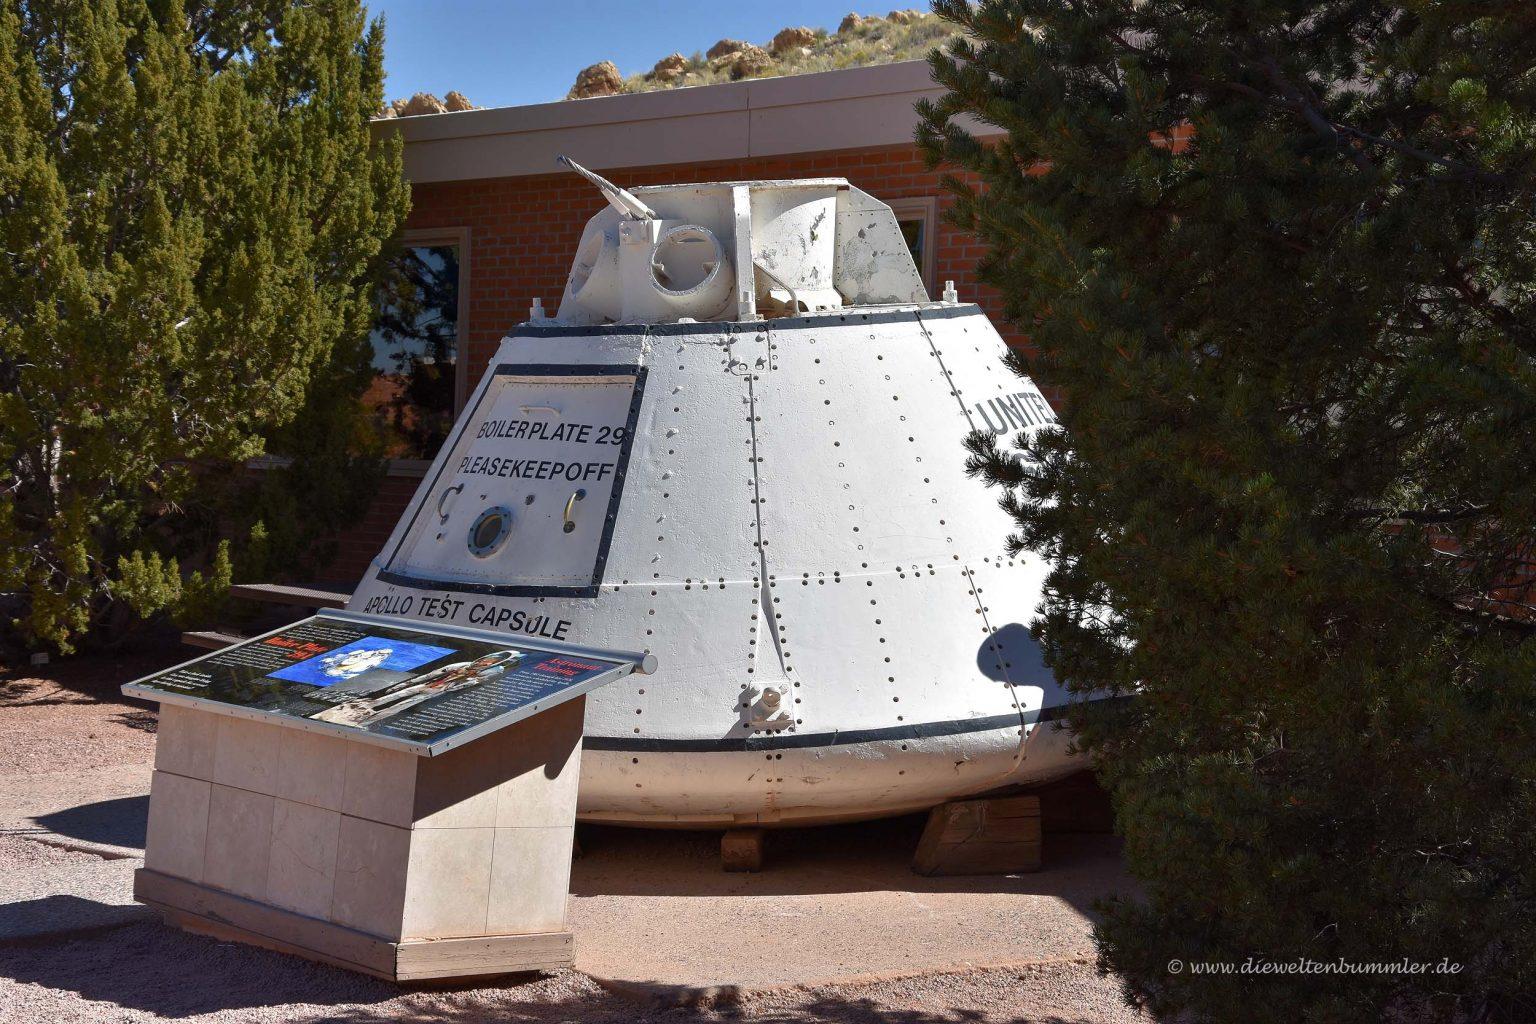 Landemodul der NASA